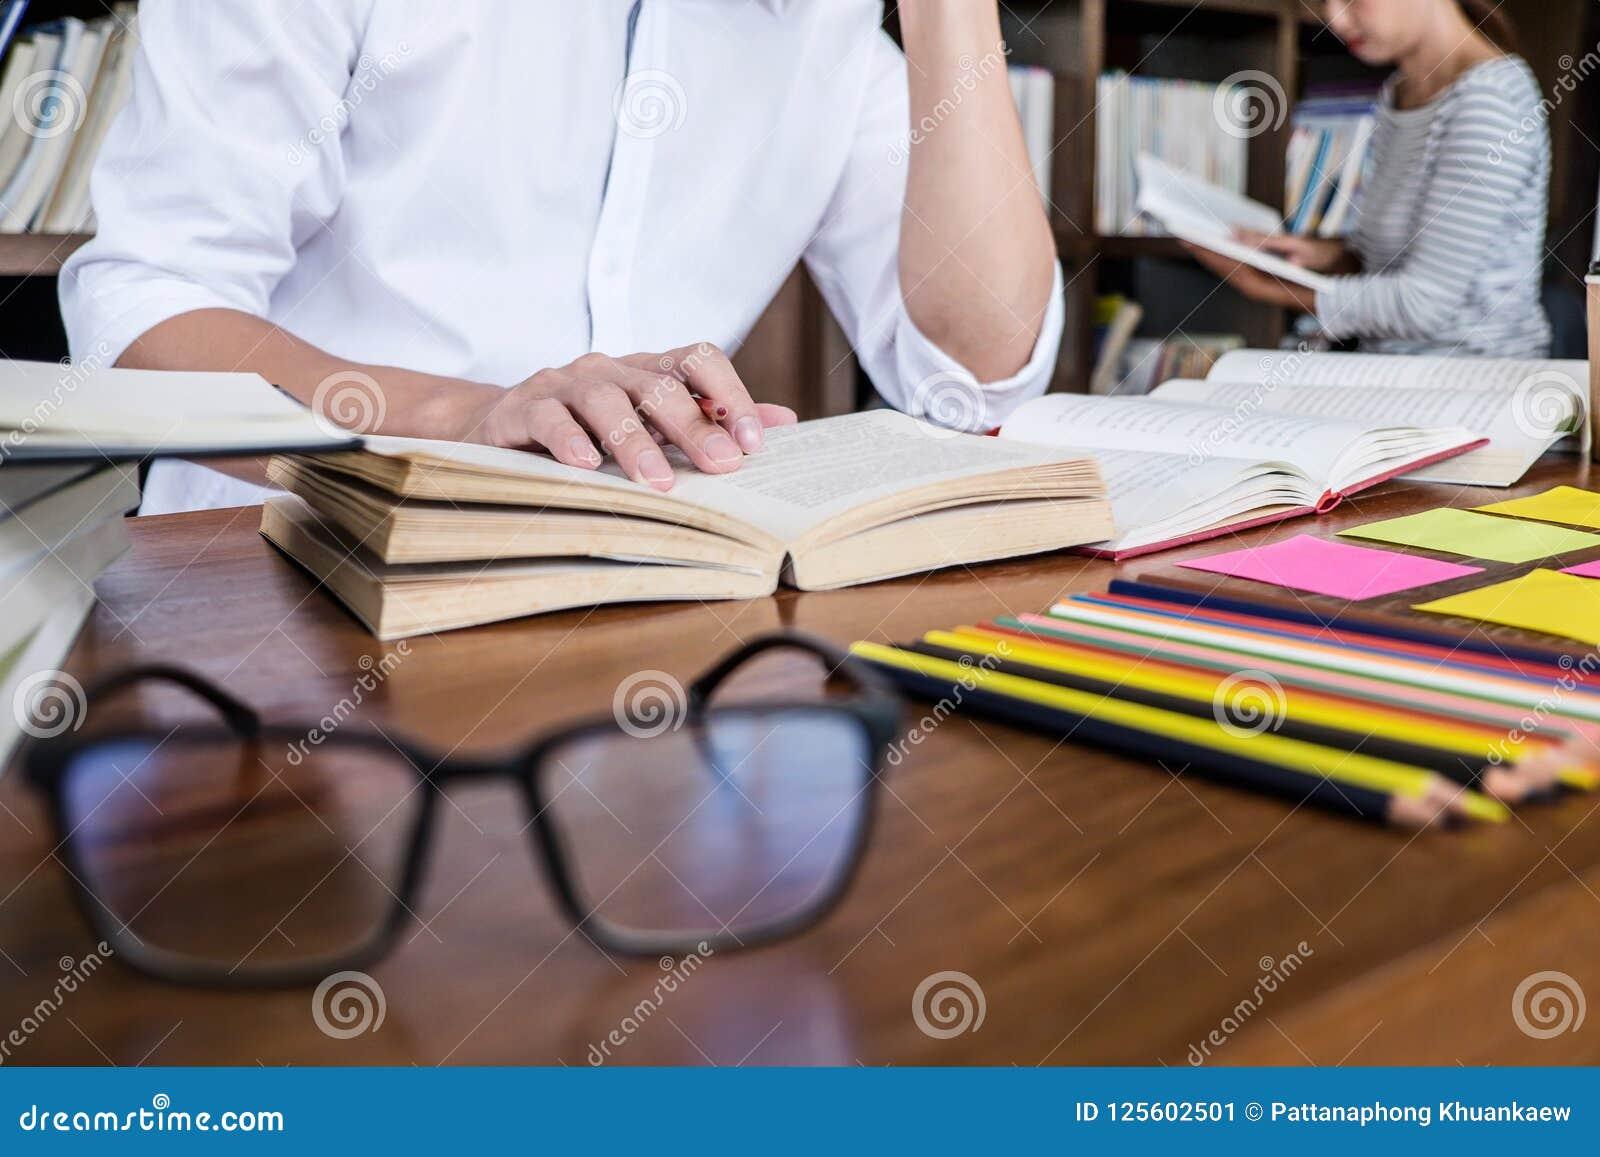 Highschool oder Studentgruppe, die am Schreibtisch in der Bibliothek sitzt